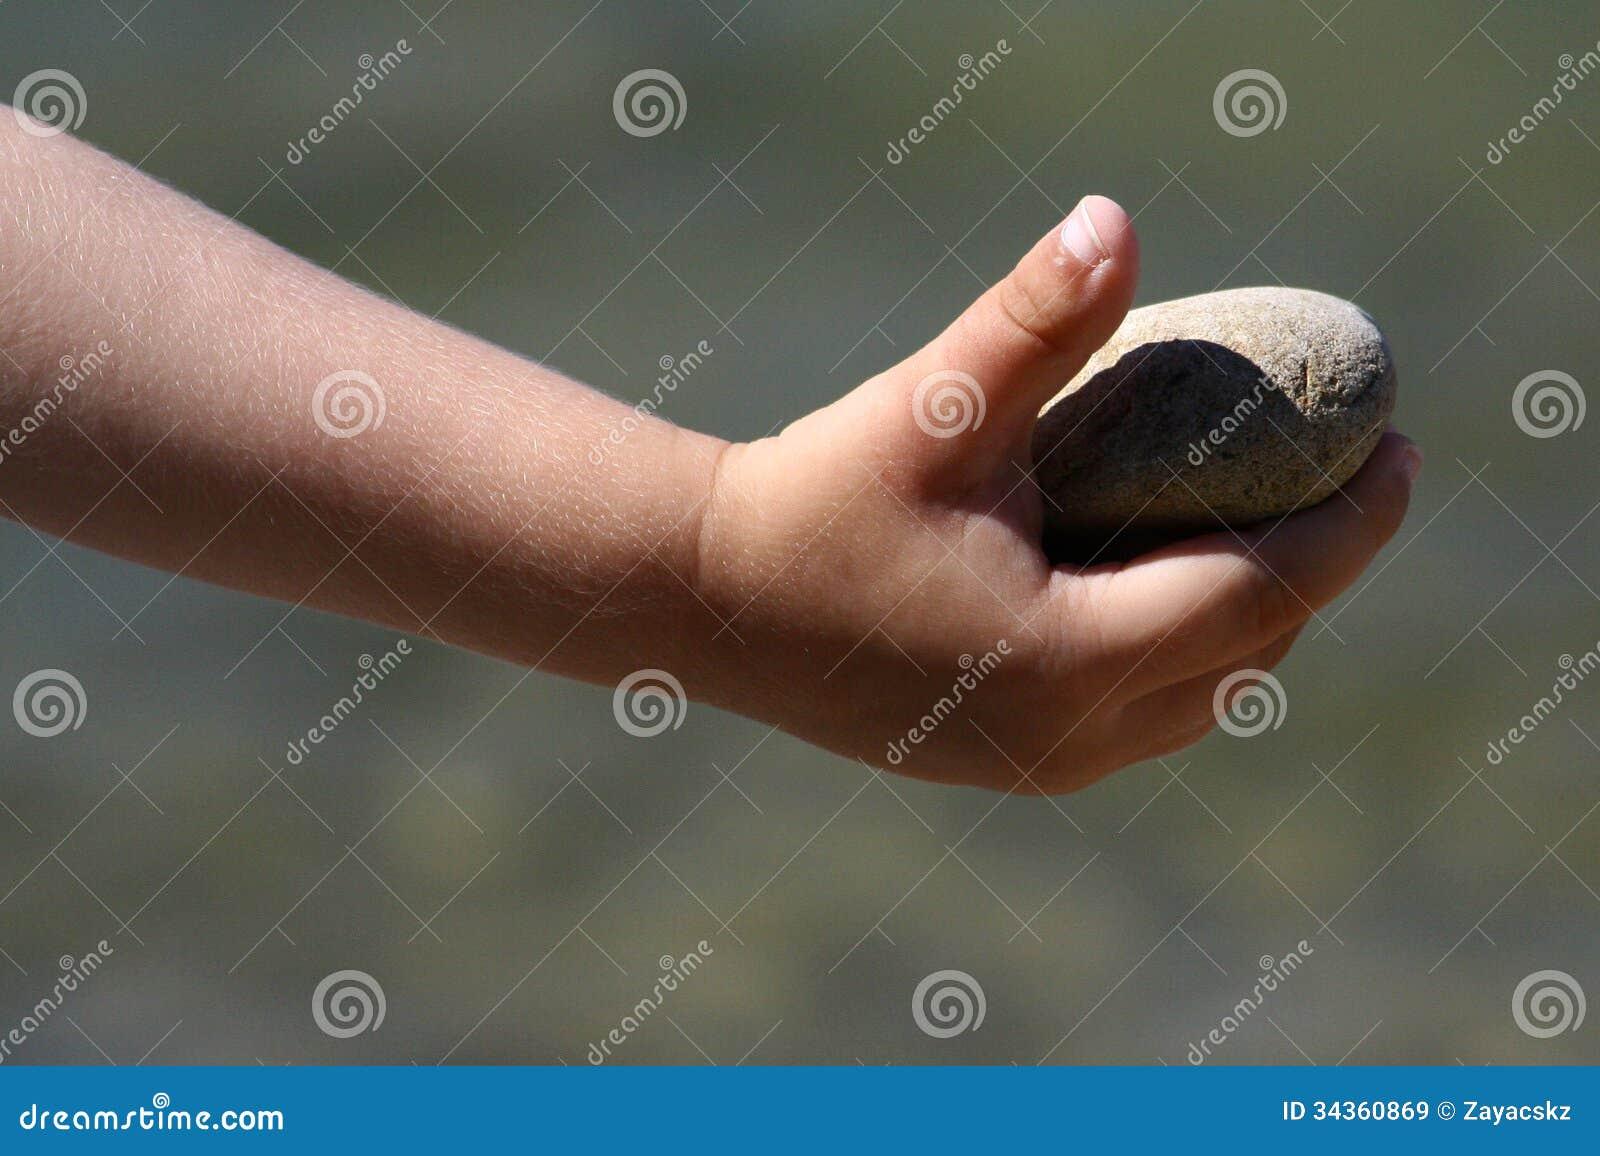 Булыжник, который держат в правой руке ребенка